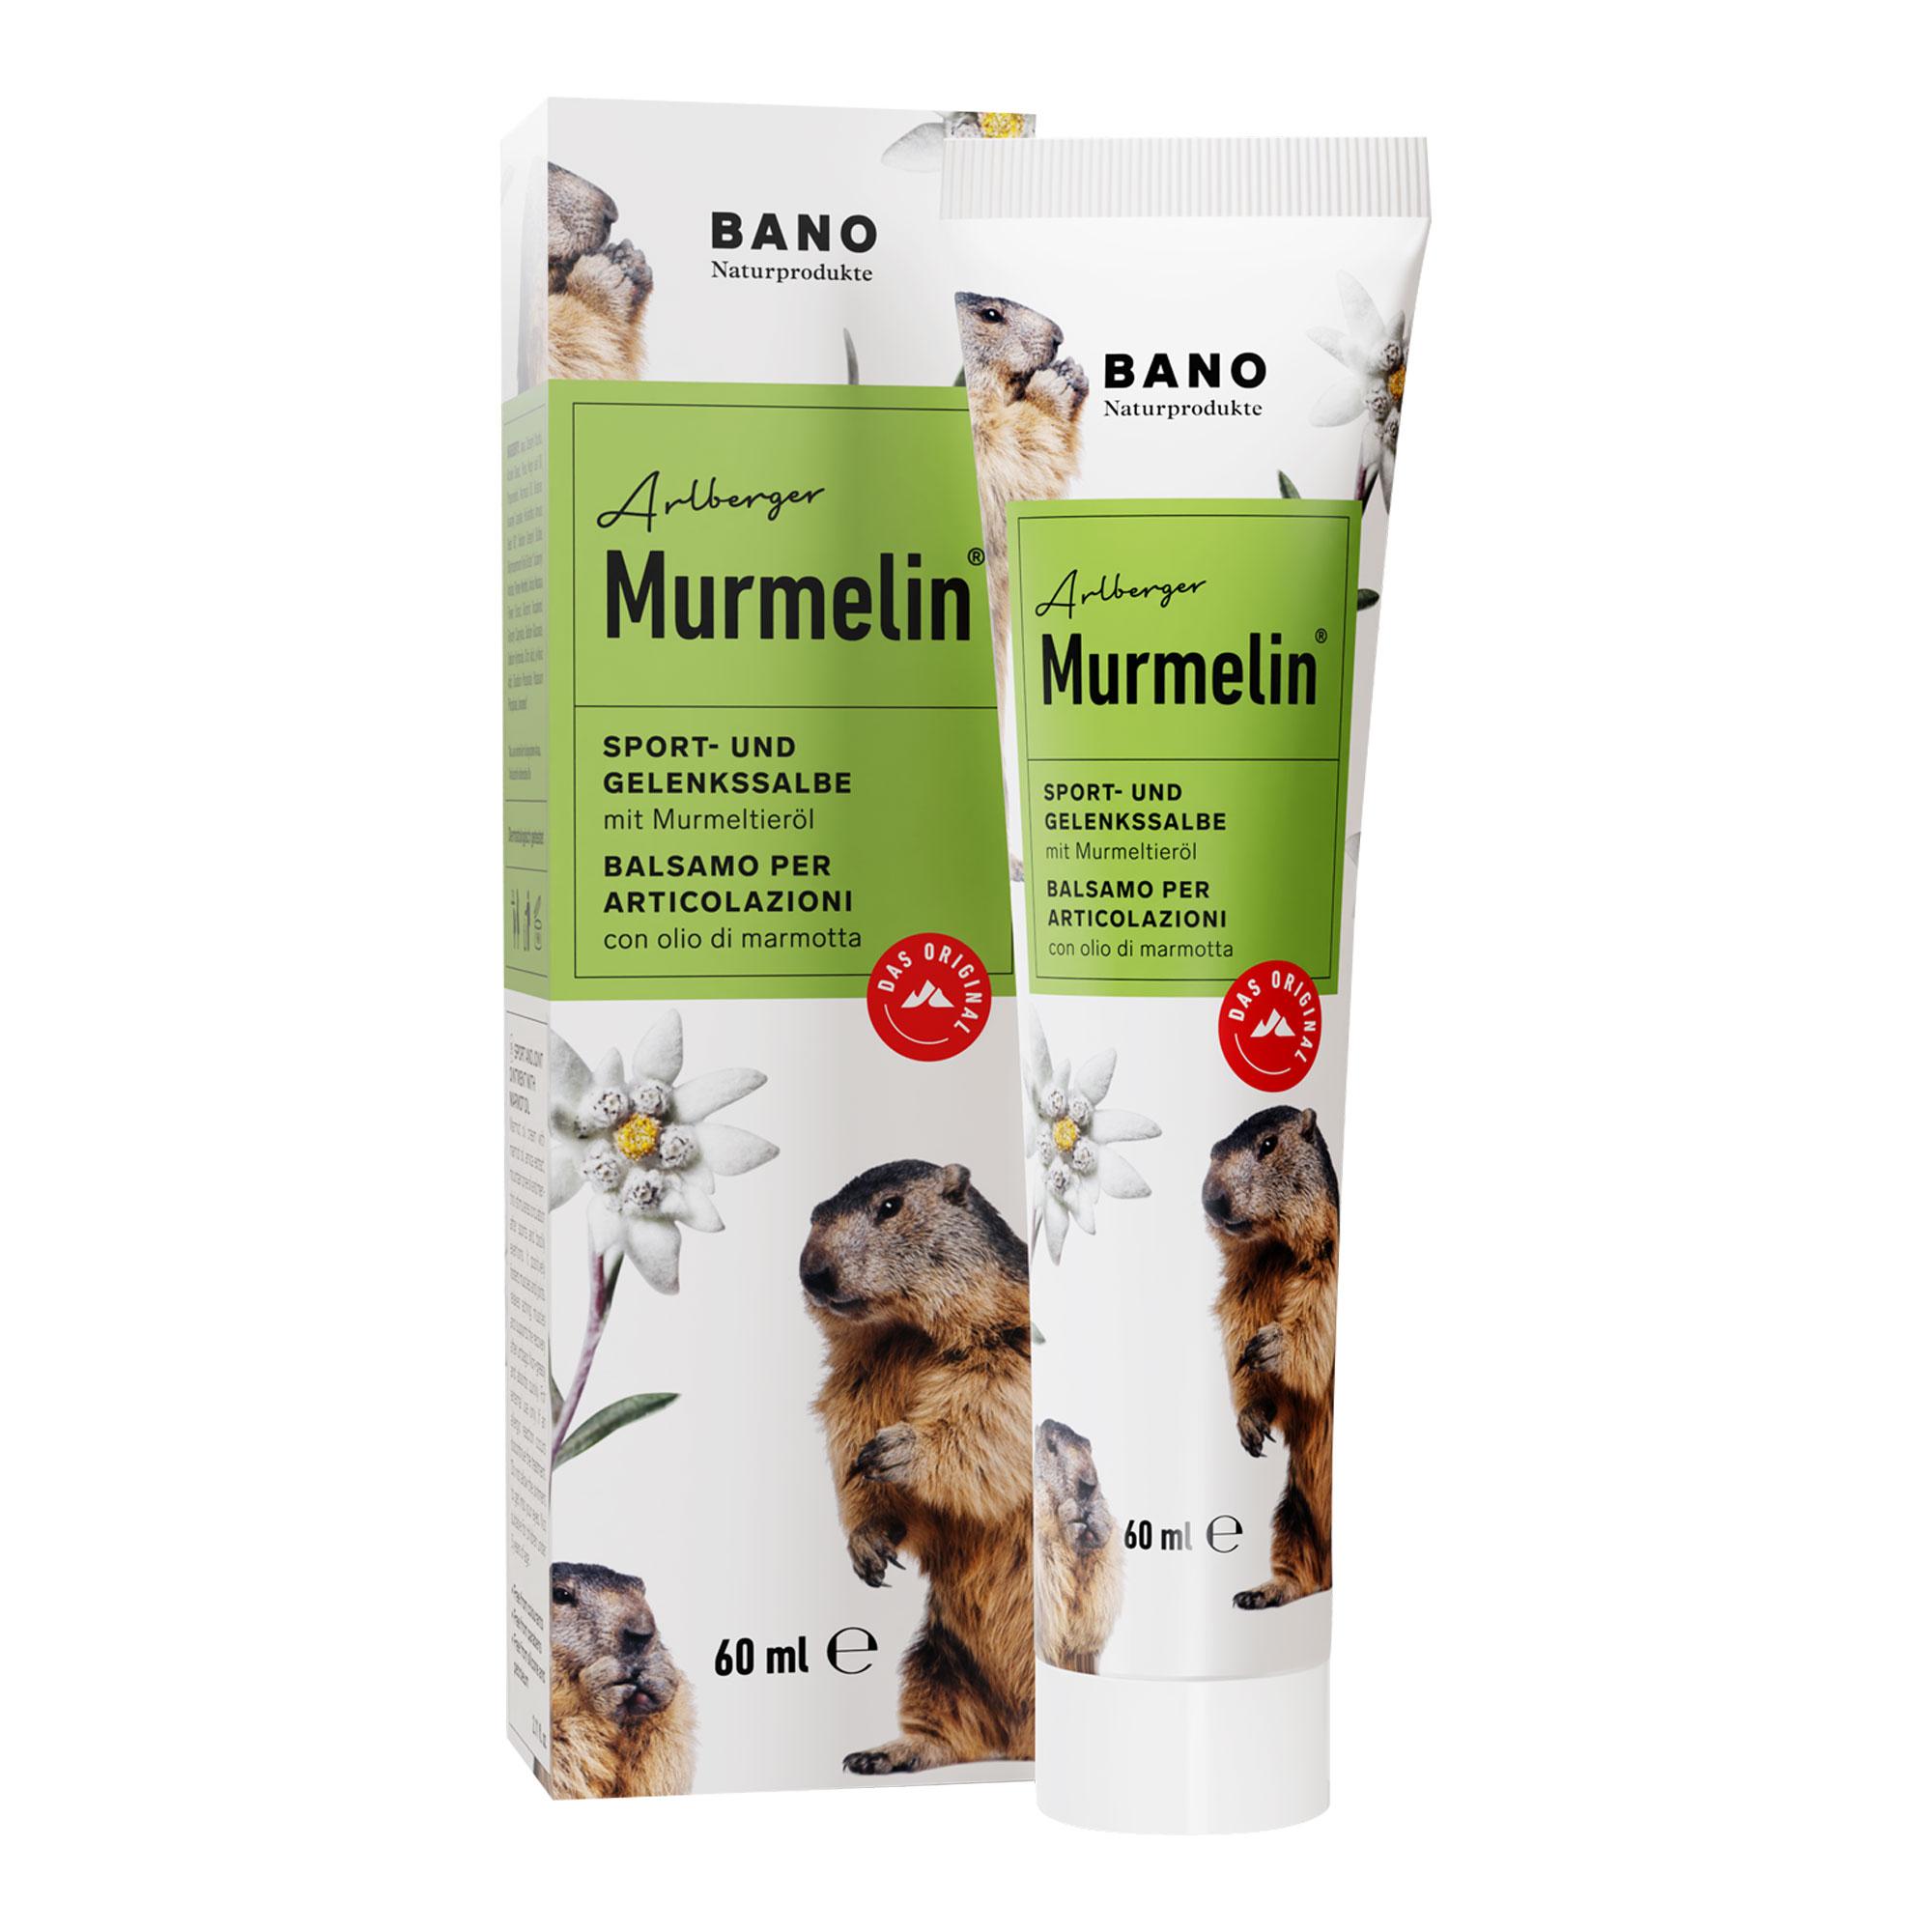 MURMELIN ARLBERGER